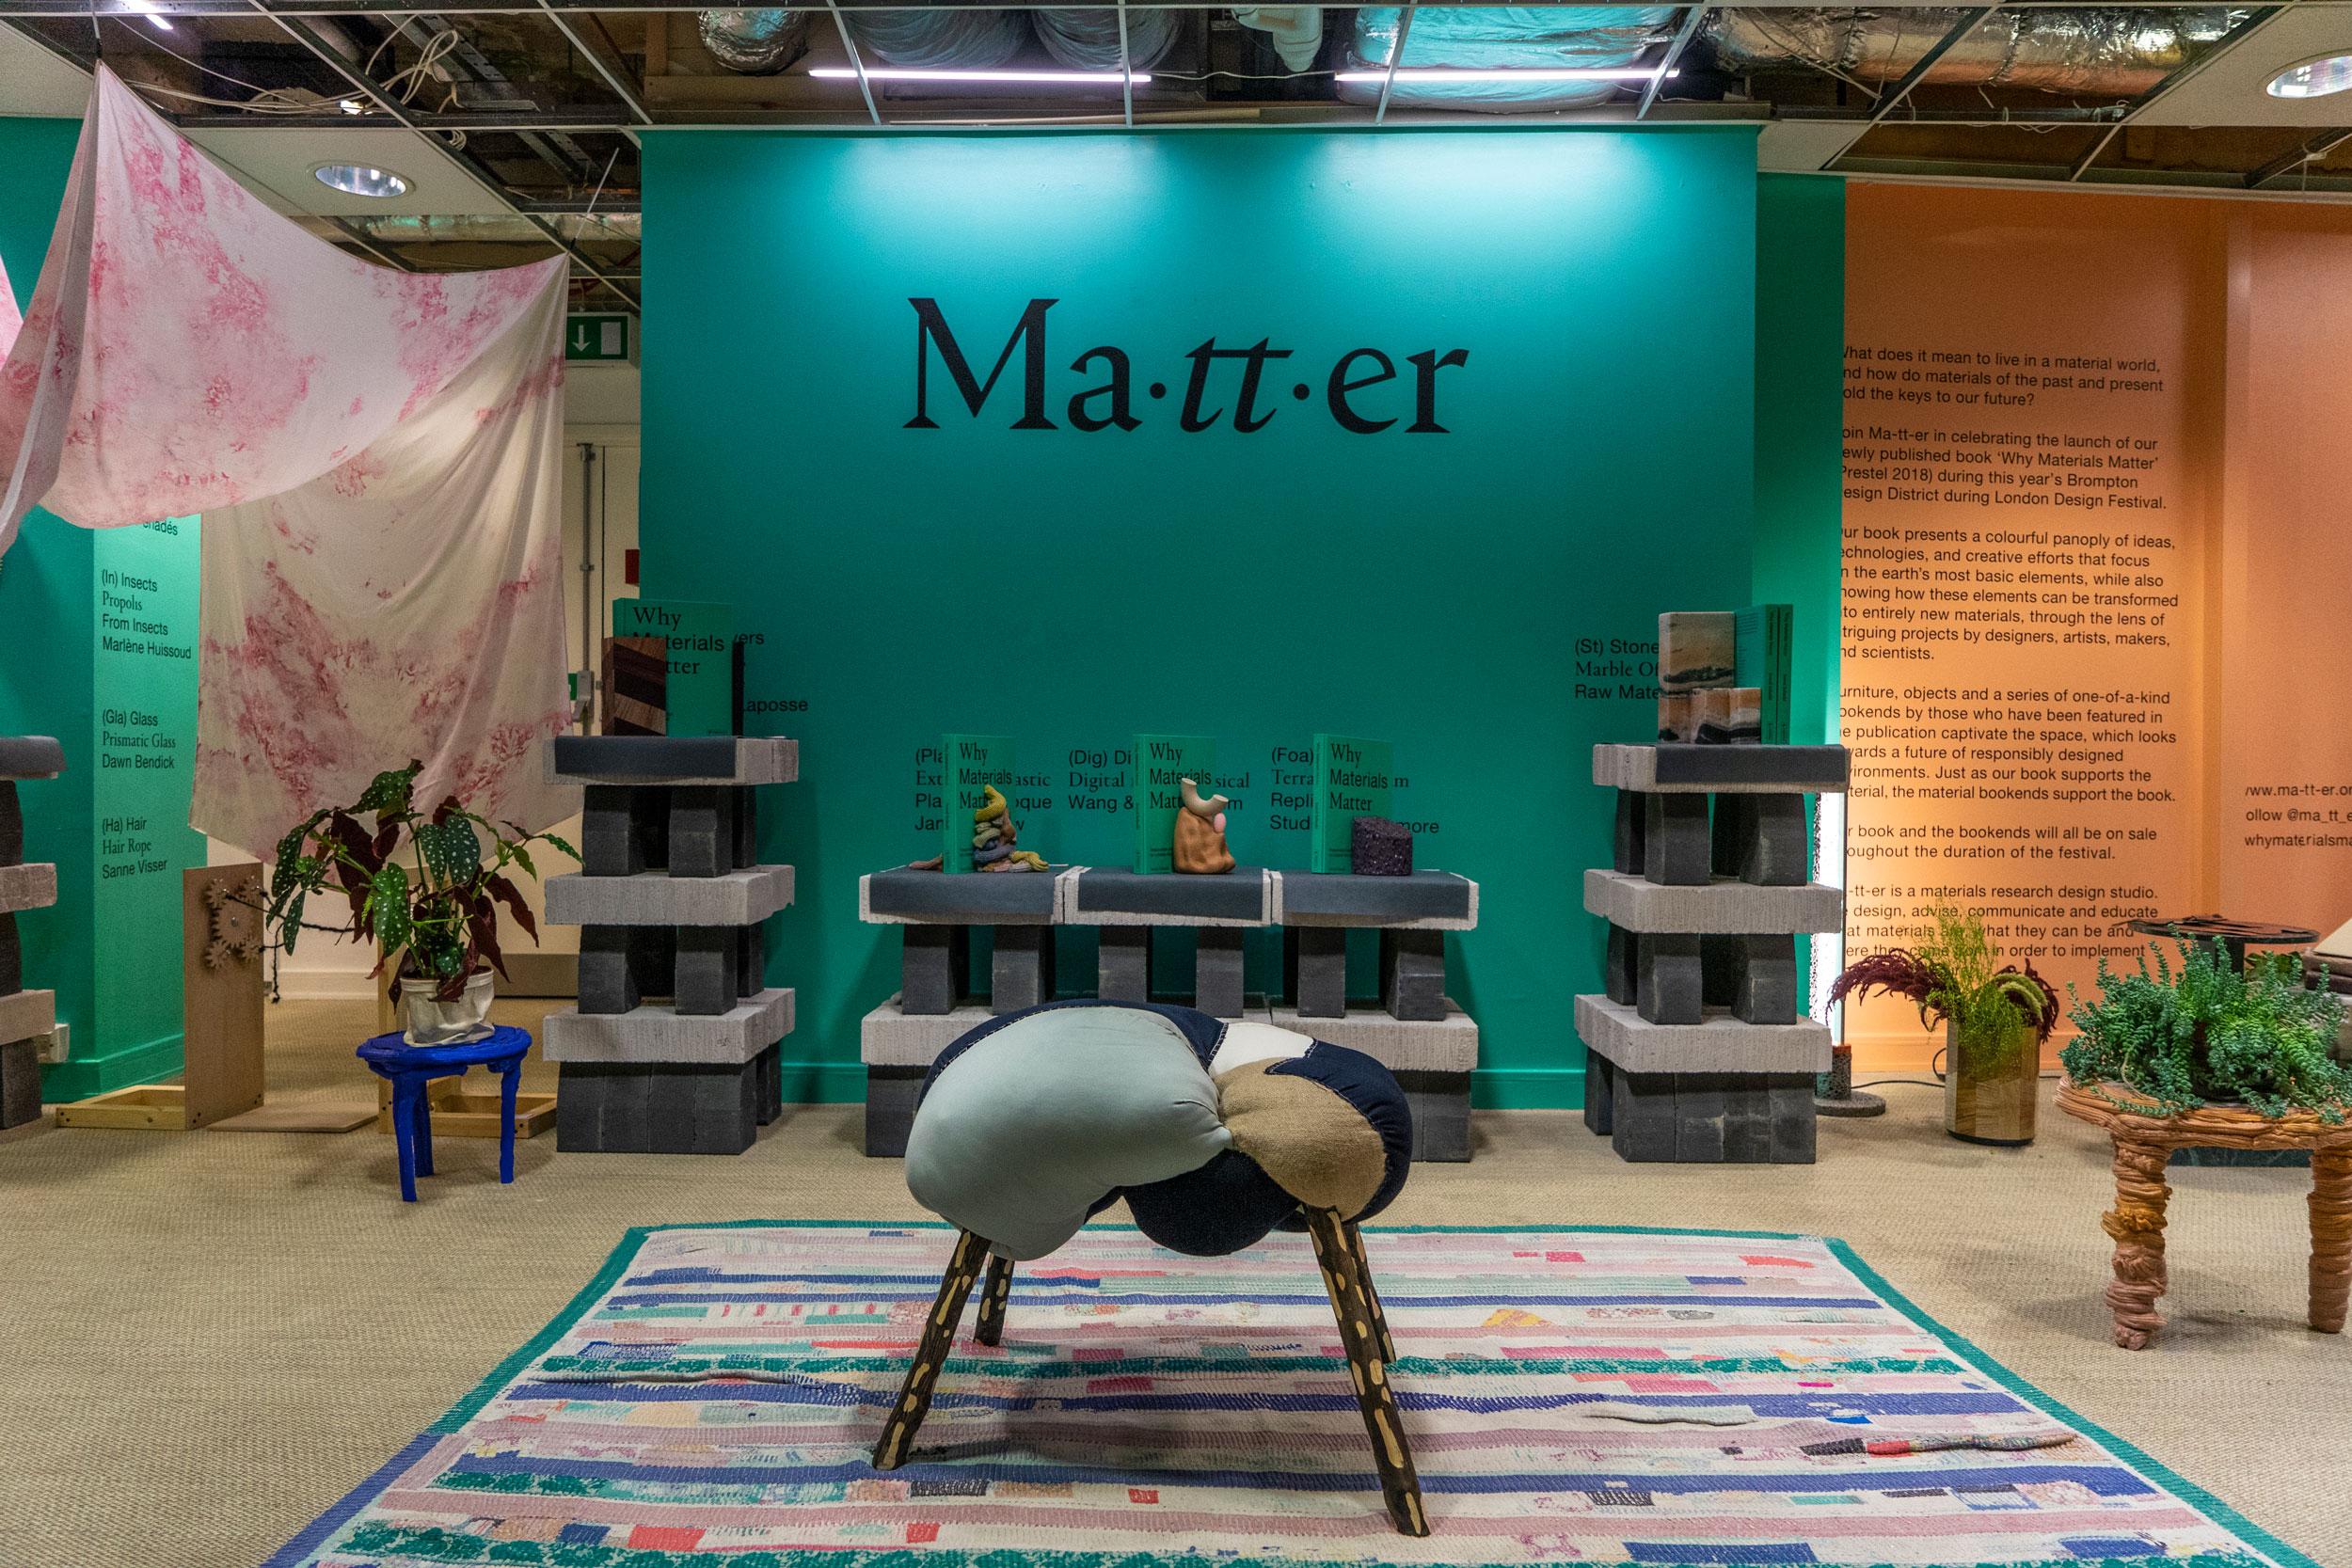 Ma-tt-er - Why Materials Matter Book Launch + Exhibition